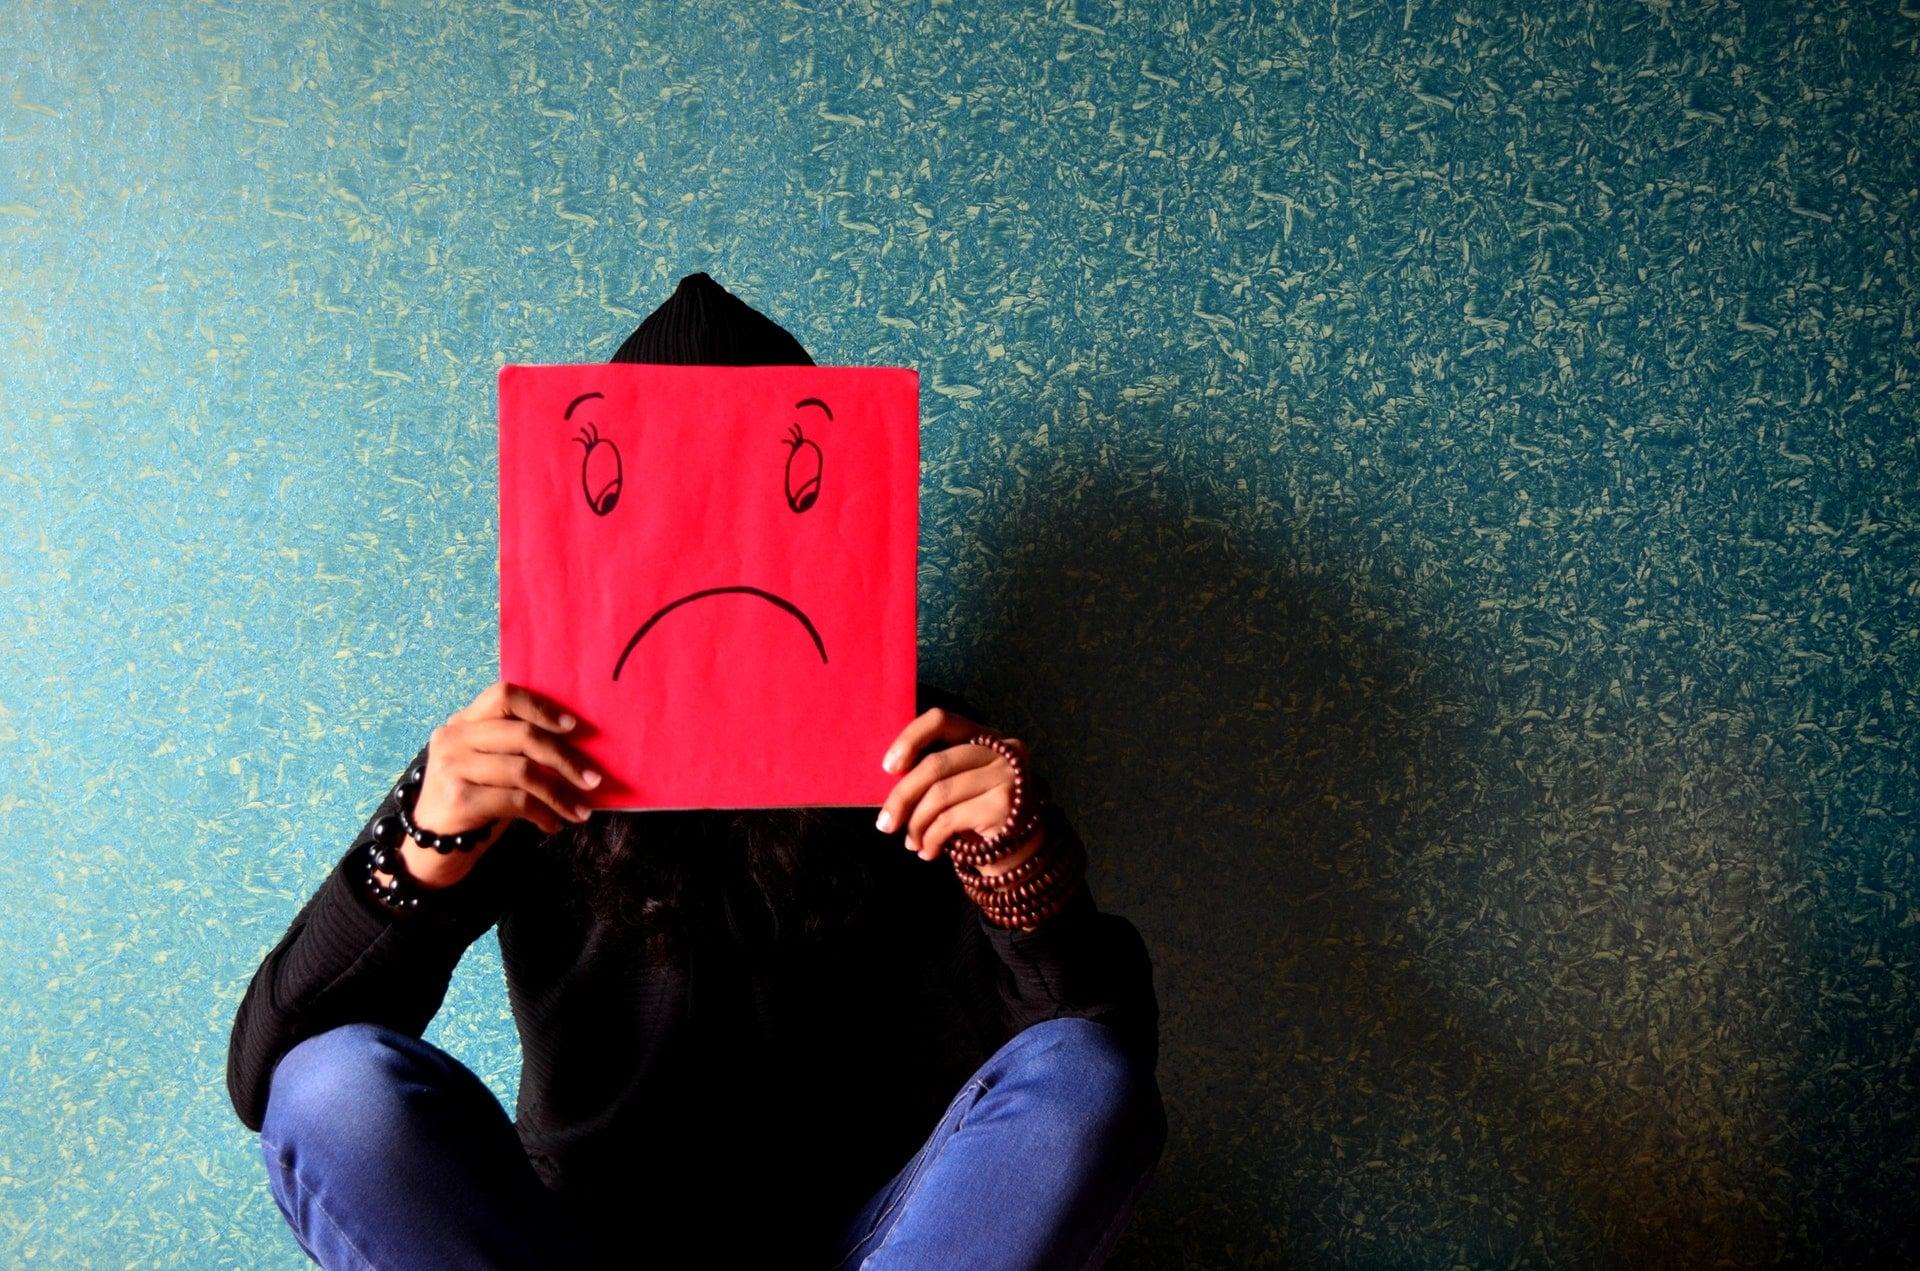 Smartfony i Facebook sprawiły, że ludzie stali się nieszczęśliwi 27